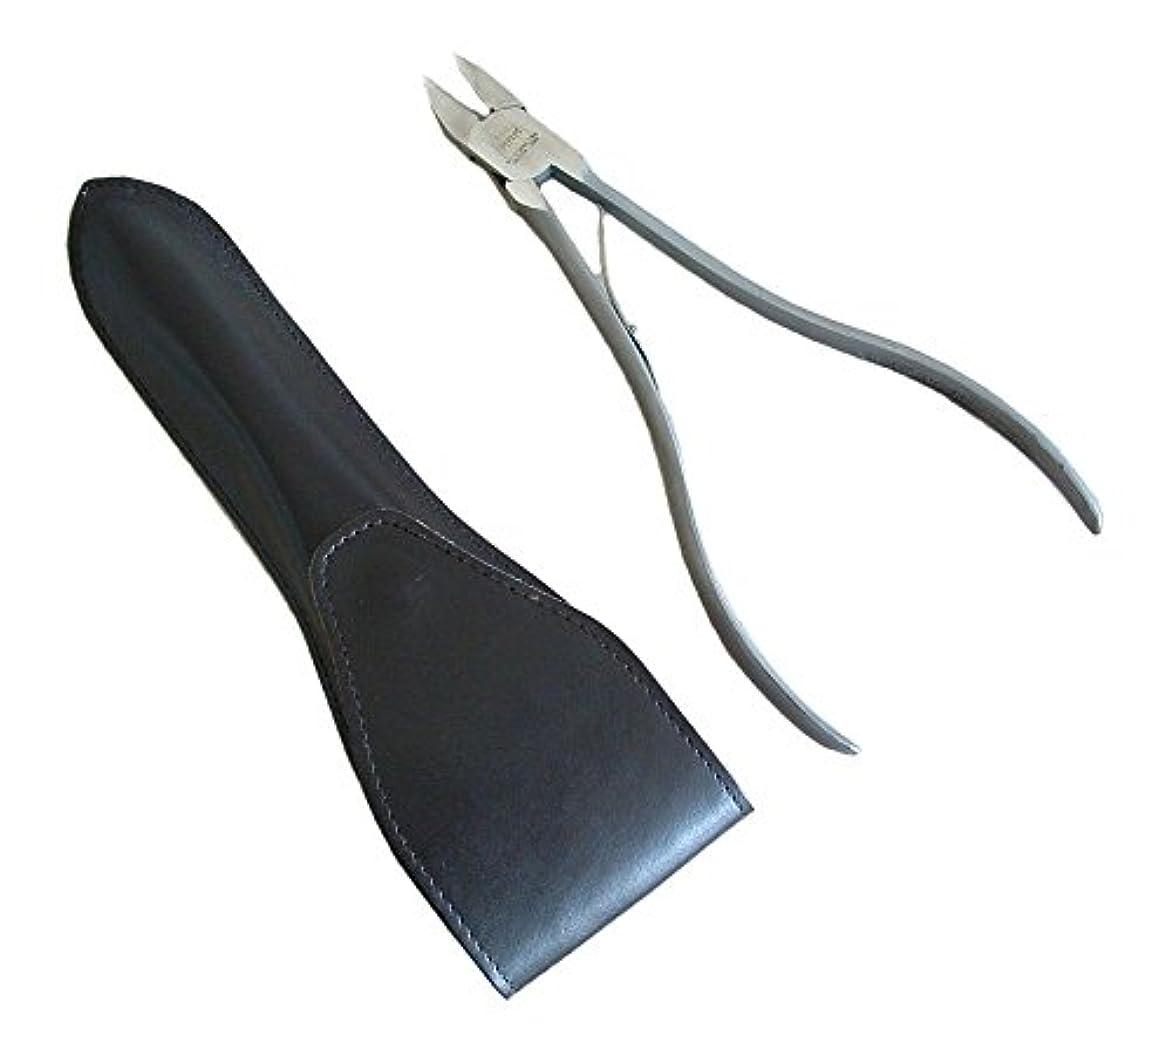 タナカマイスター ロングニッパー型爪切り(レザーケース入り)